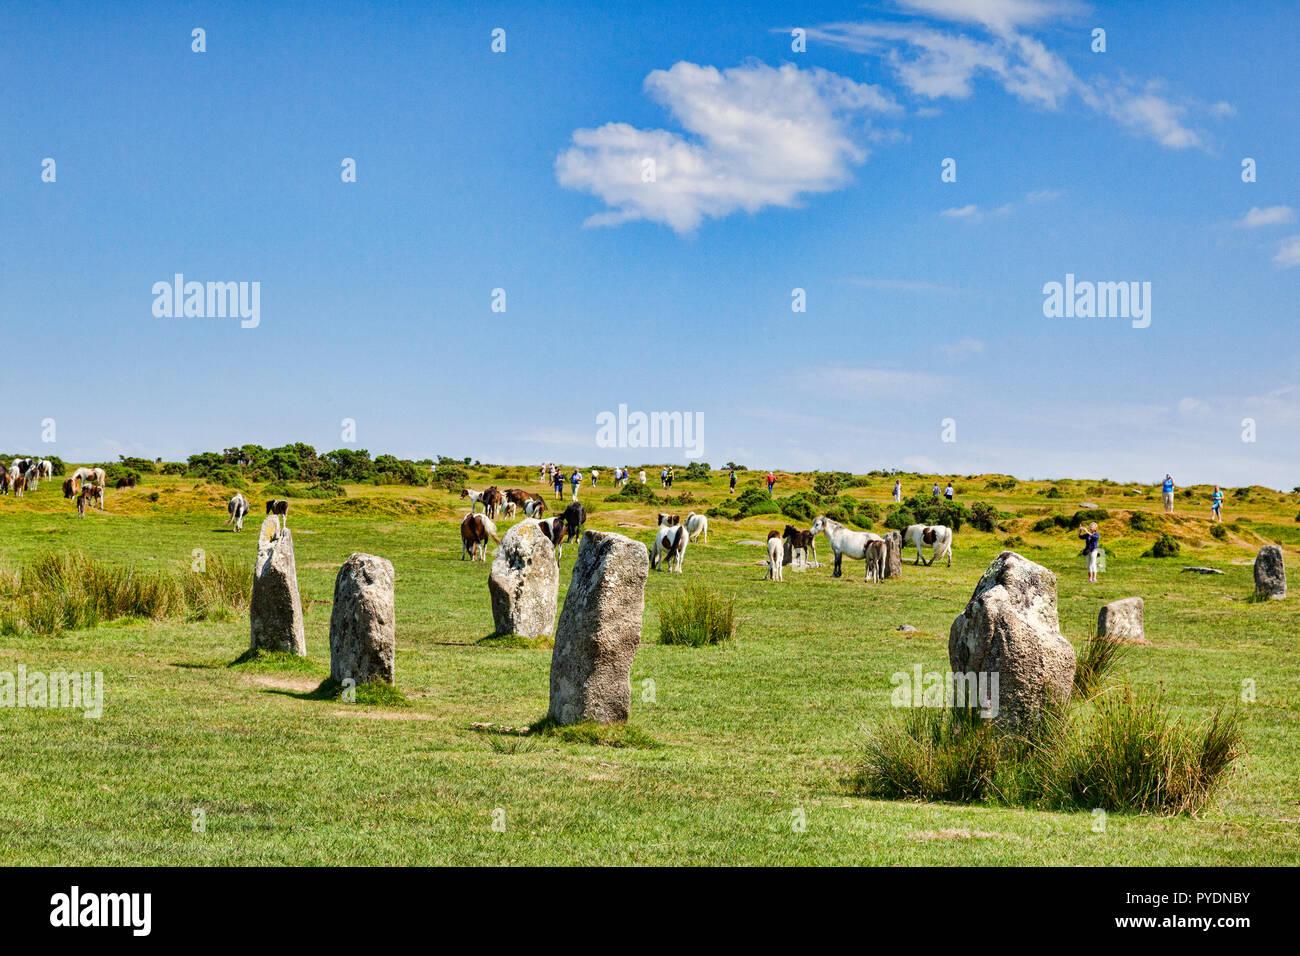 El 3 de julio de 2018: Bodmin Moor, Cornwall, Reino Unido - El Hurlers círculo de piedra cerca de secuaces, el pueblo más alto de Cornwall, con ponies salvajes de pastoreo y la gente t Foto de stock